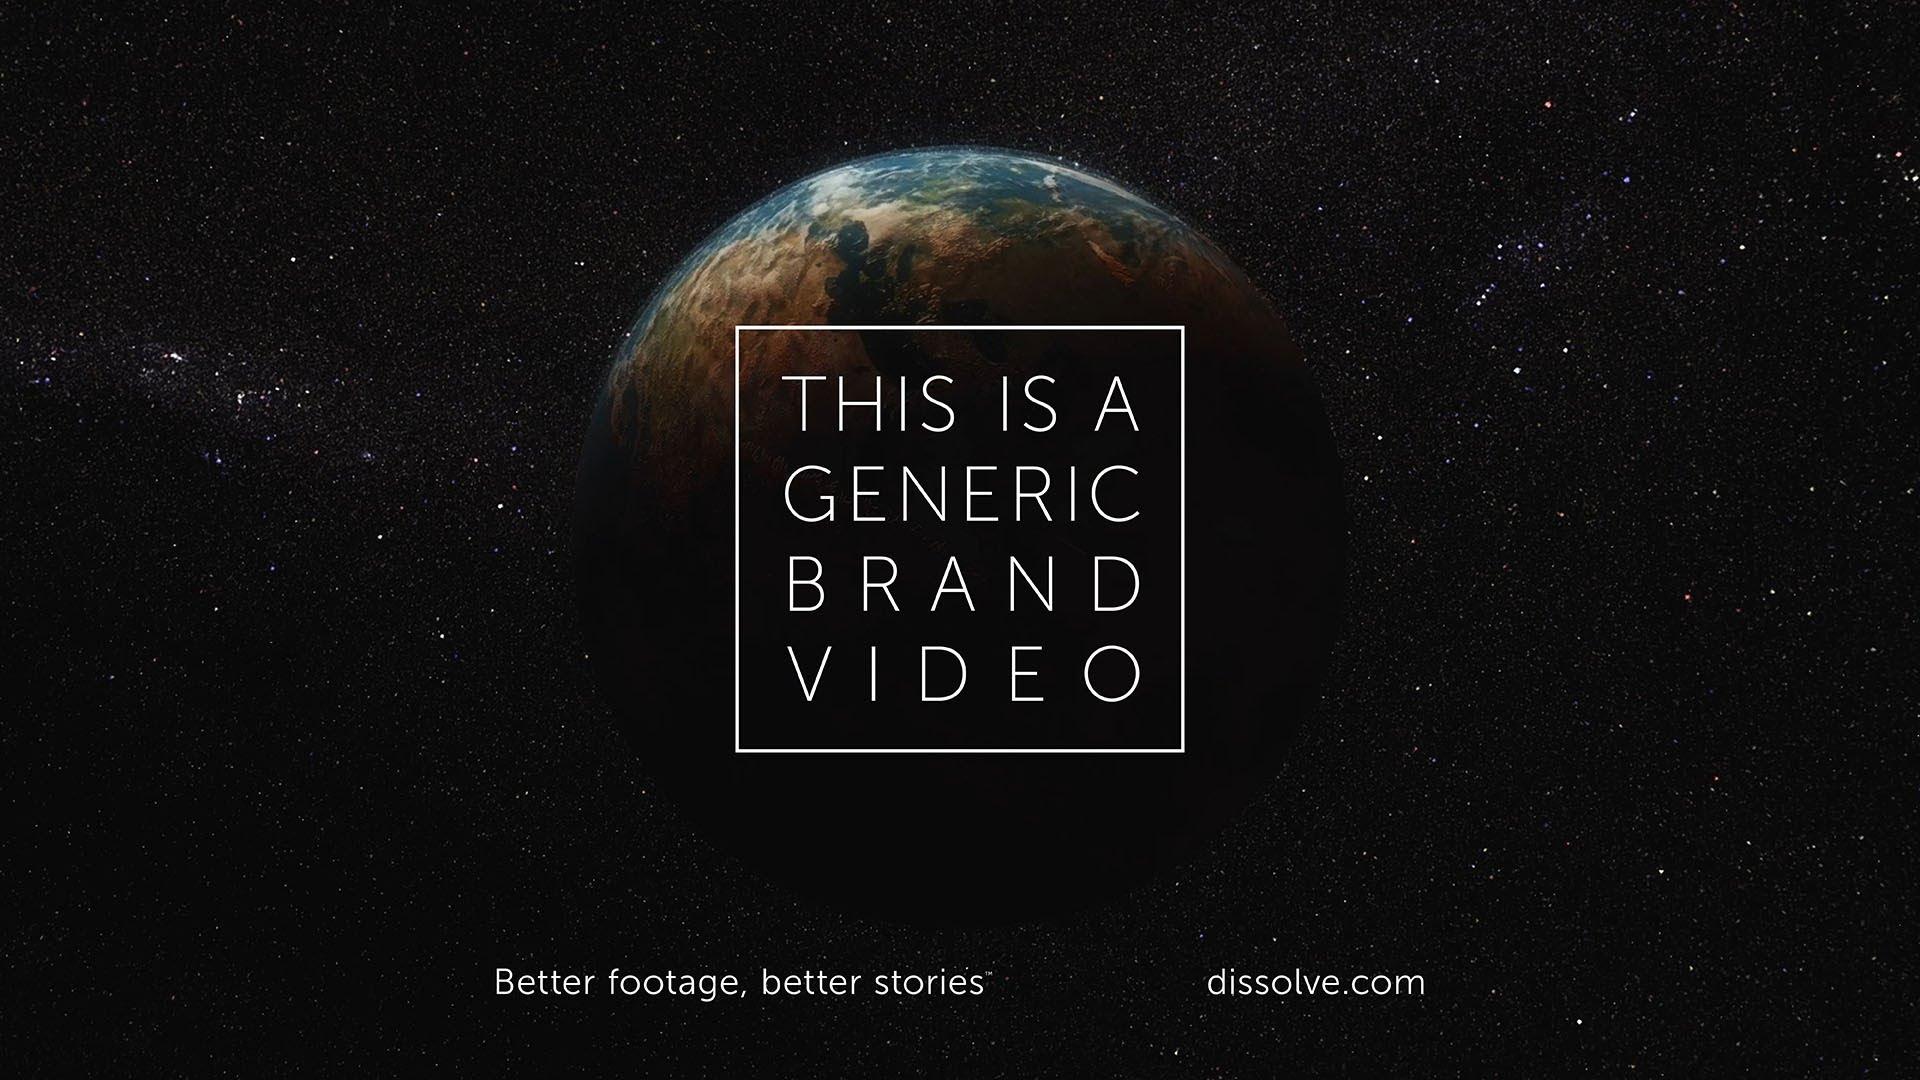 Une publicité générique